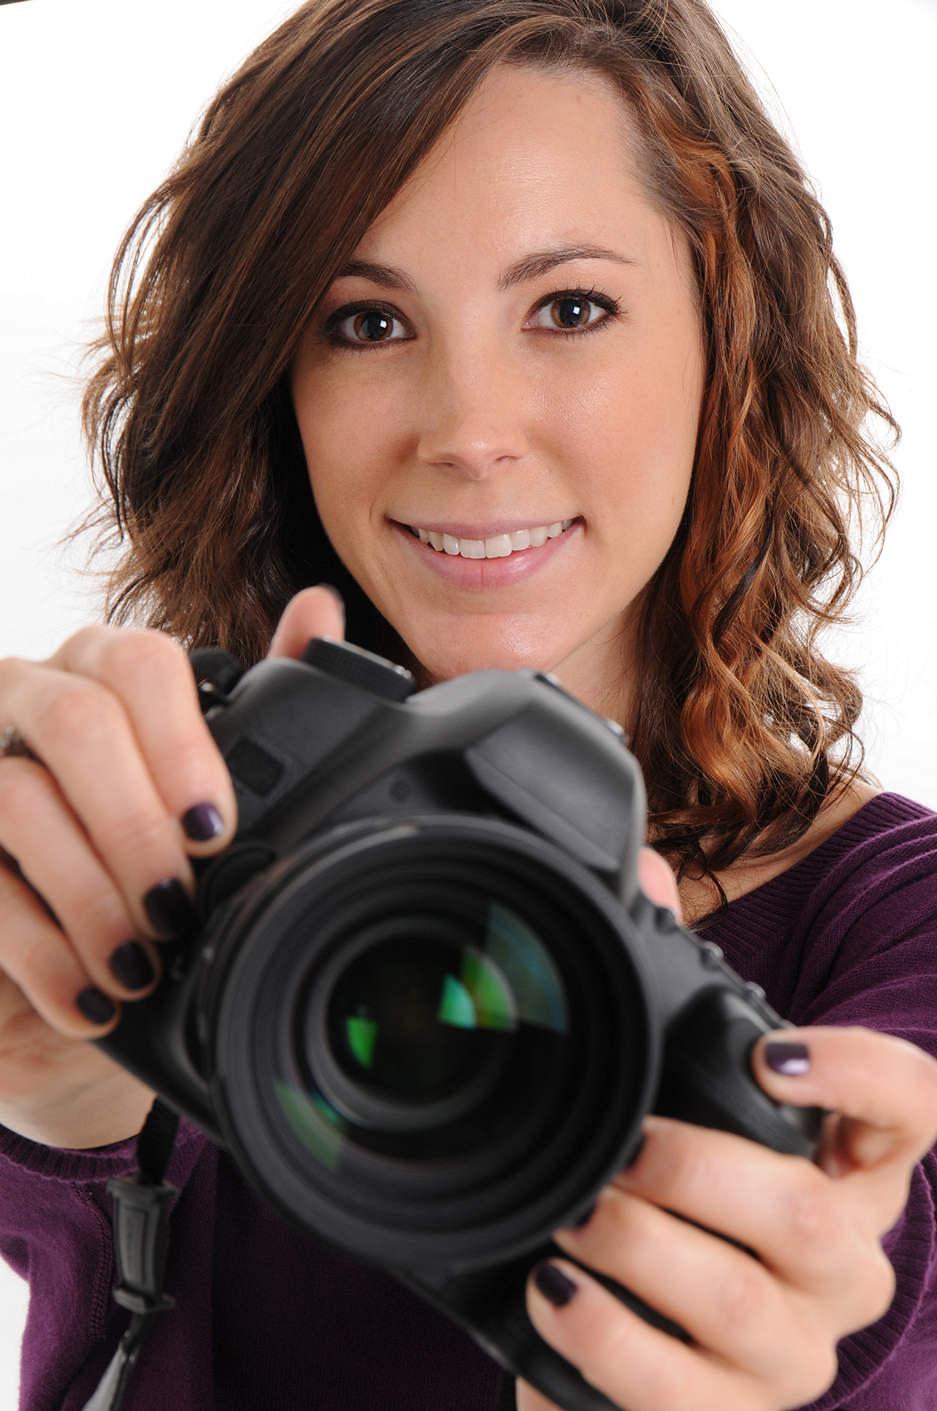 Фотоаппарат бу как правильно выбрать?